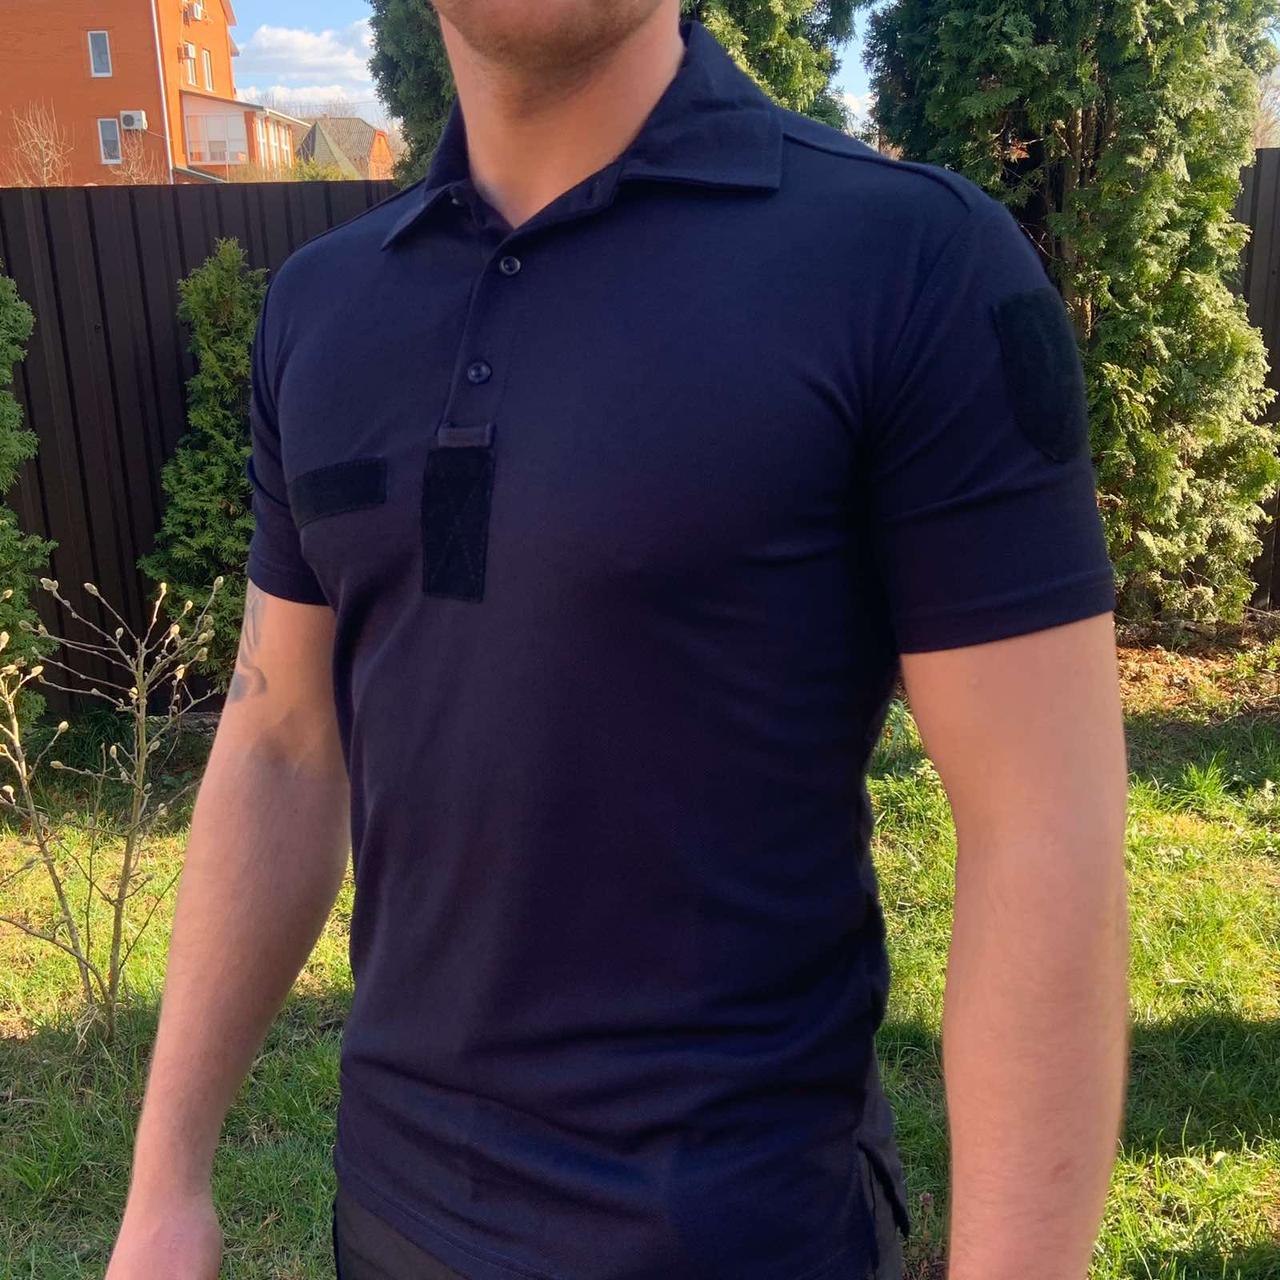 ФУТБОЛКА ПОЛО COOLPASS ТЕМНО-СИНЯЯ